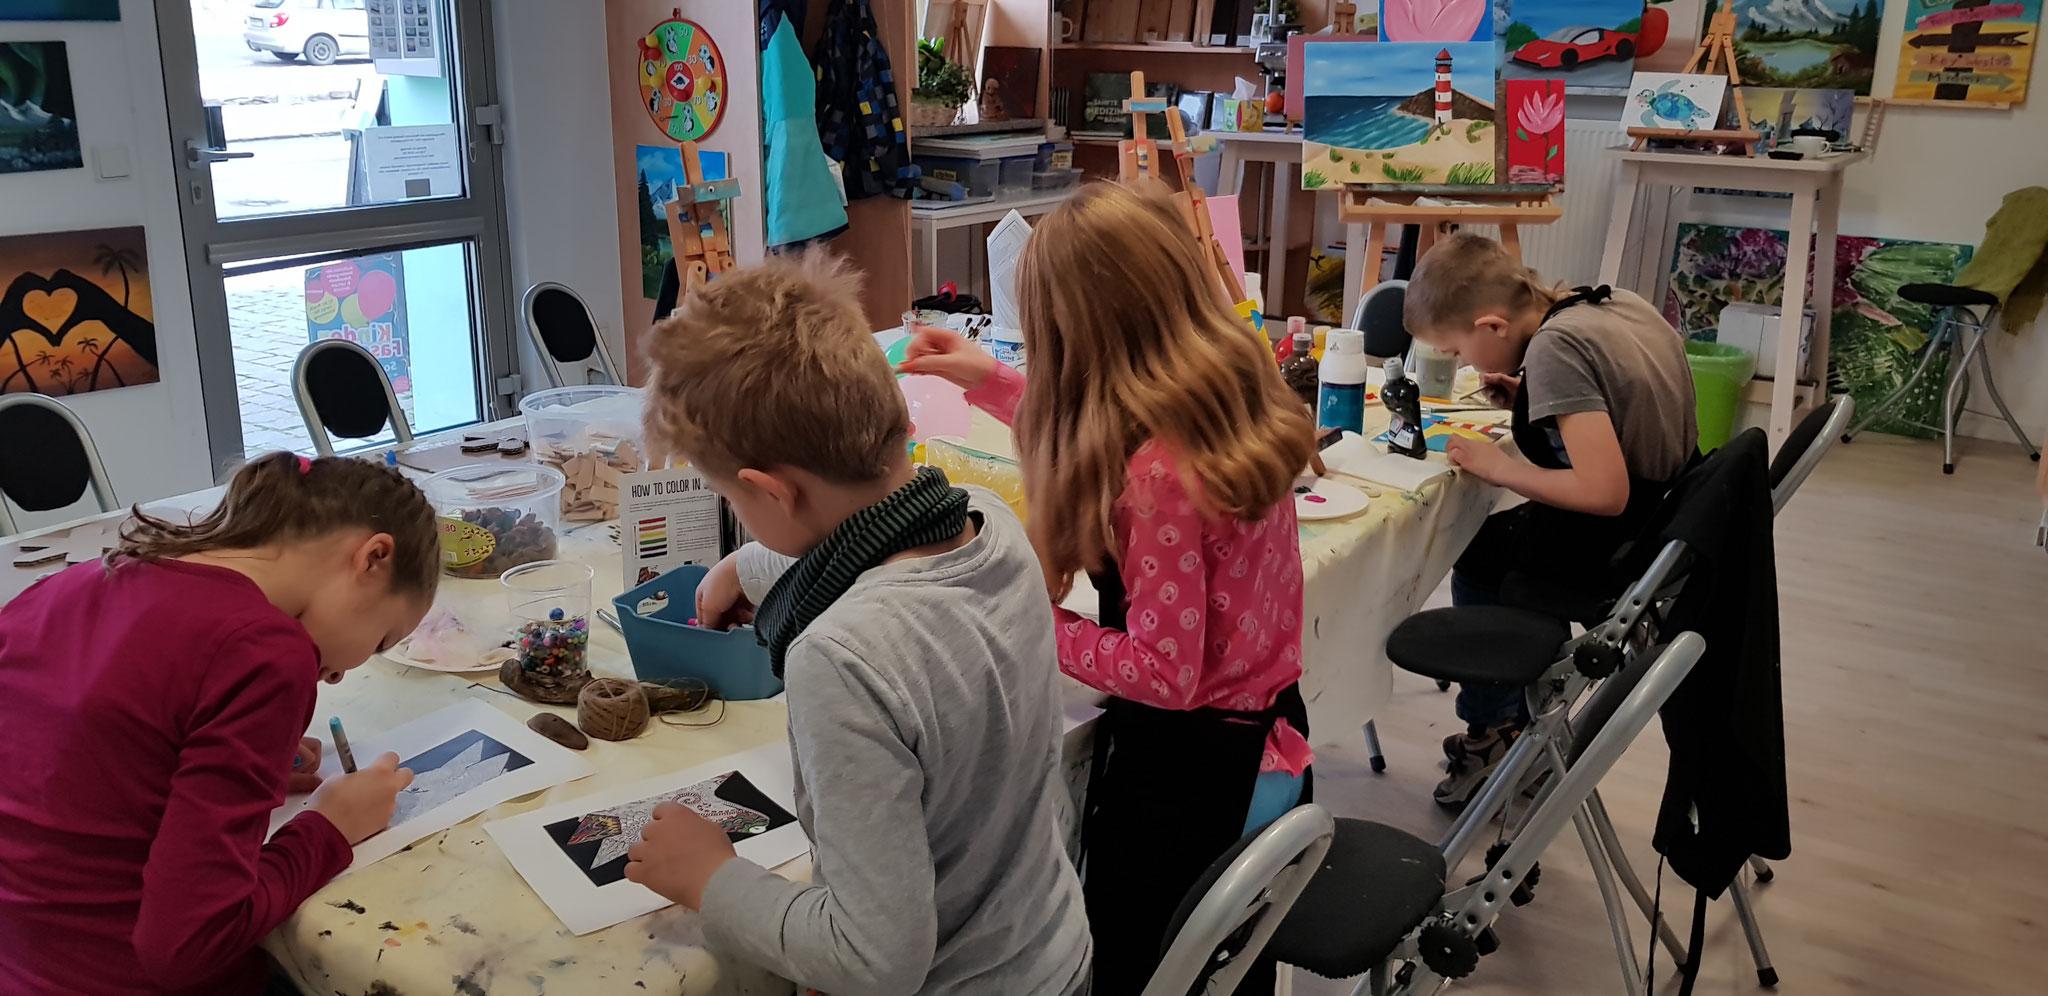 Kindervormittag am Samstag mit 3D Malen und vielem mehr